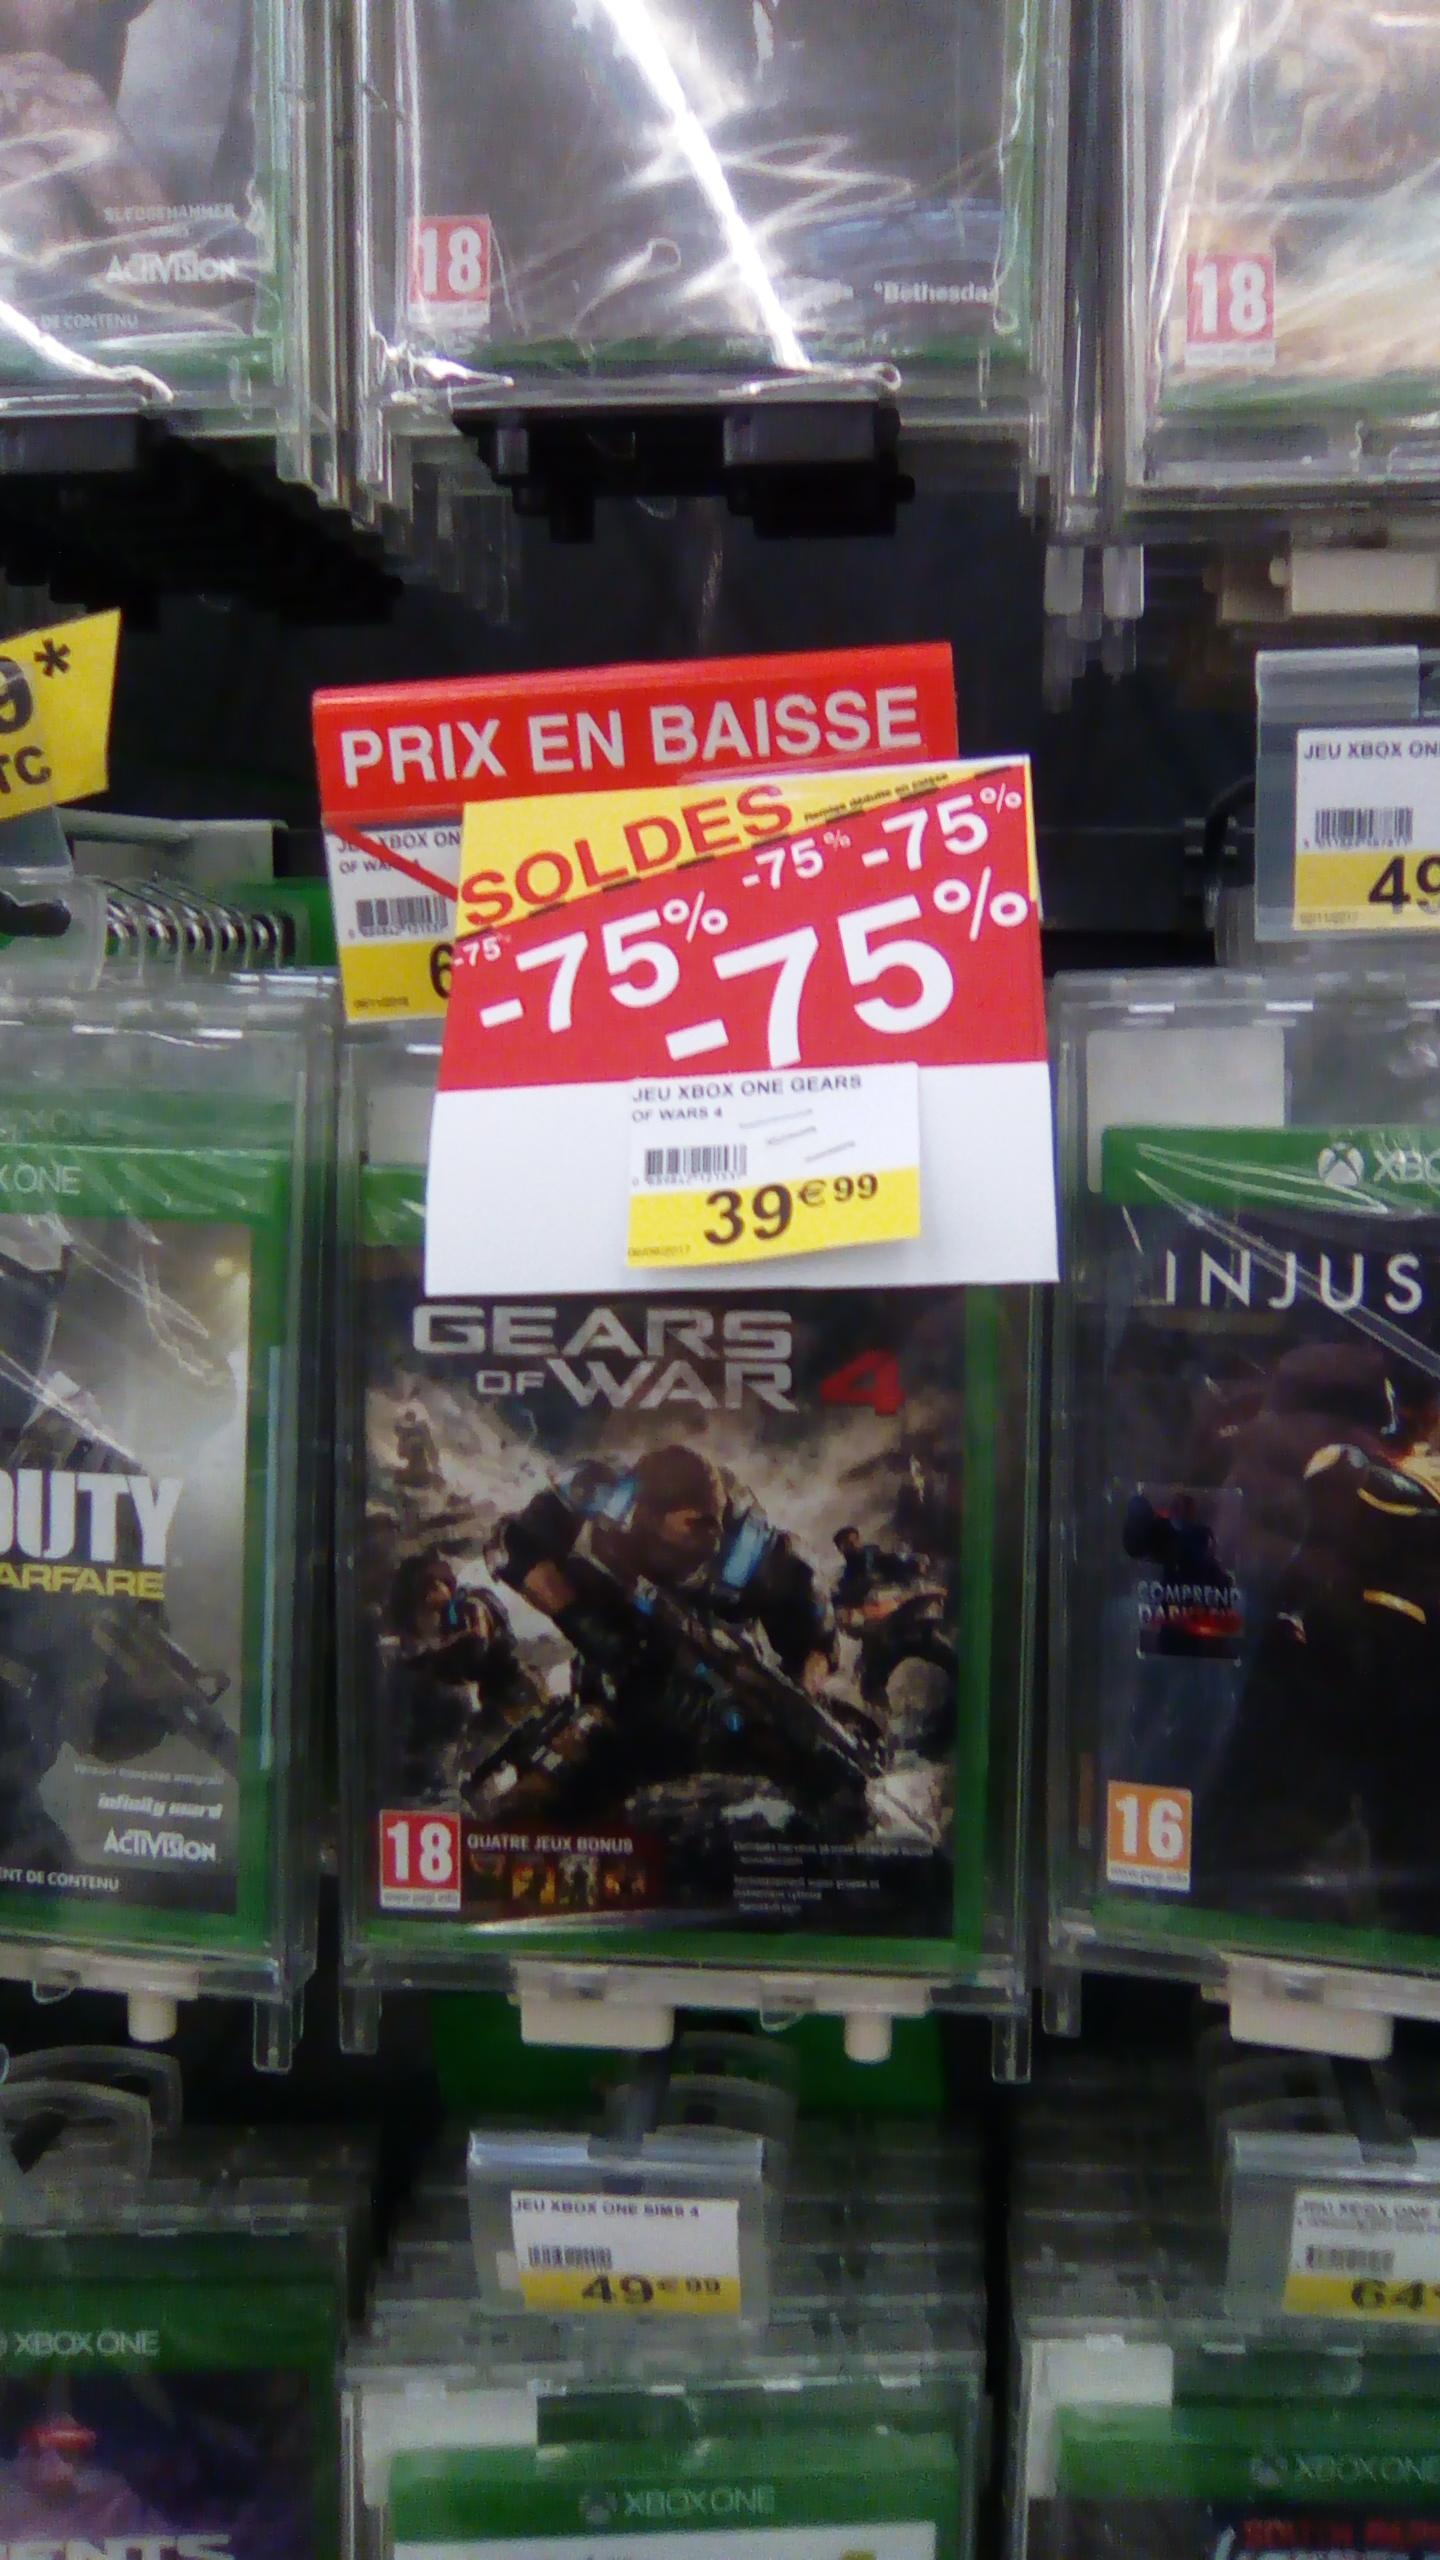 Sélection de jeux  en promo - Ex : Gears of War 4  - Cora Metz Technopole (57)